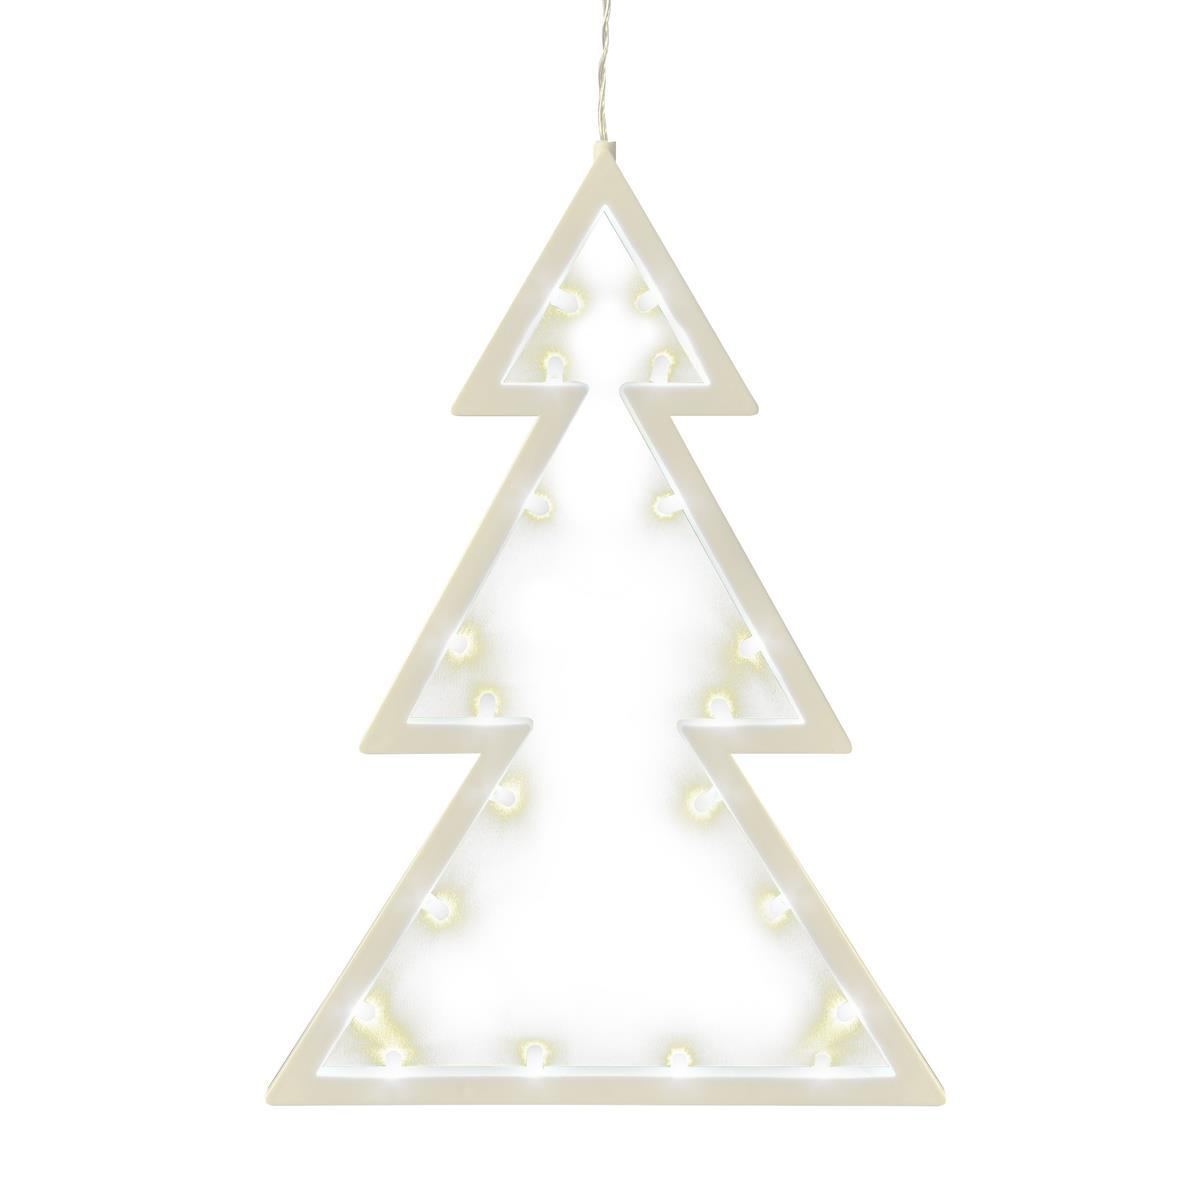 20 LED Fensterbild Baum Leuchtfarbe warm weiß Weihnachtsbaum Dekobaum Fensterschmuck Fensterdeko